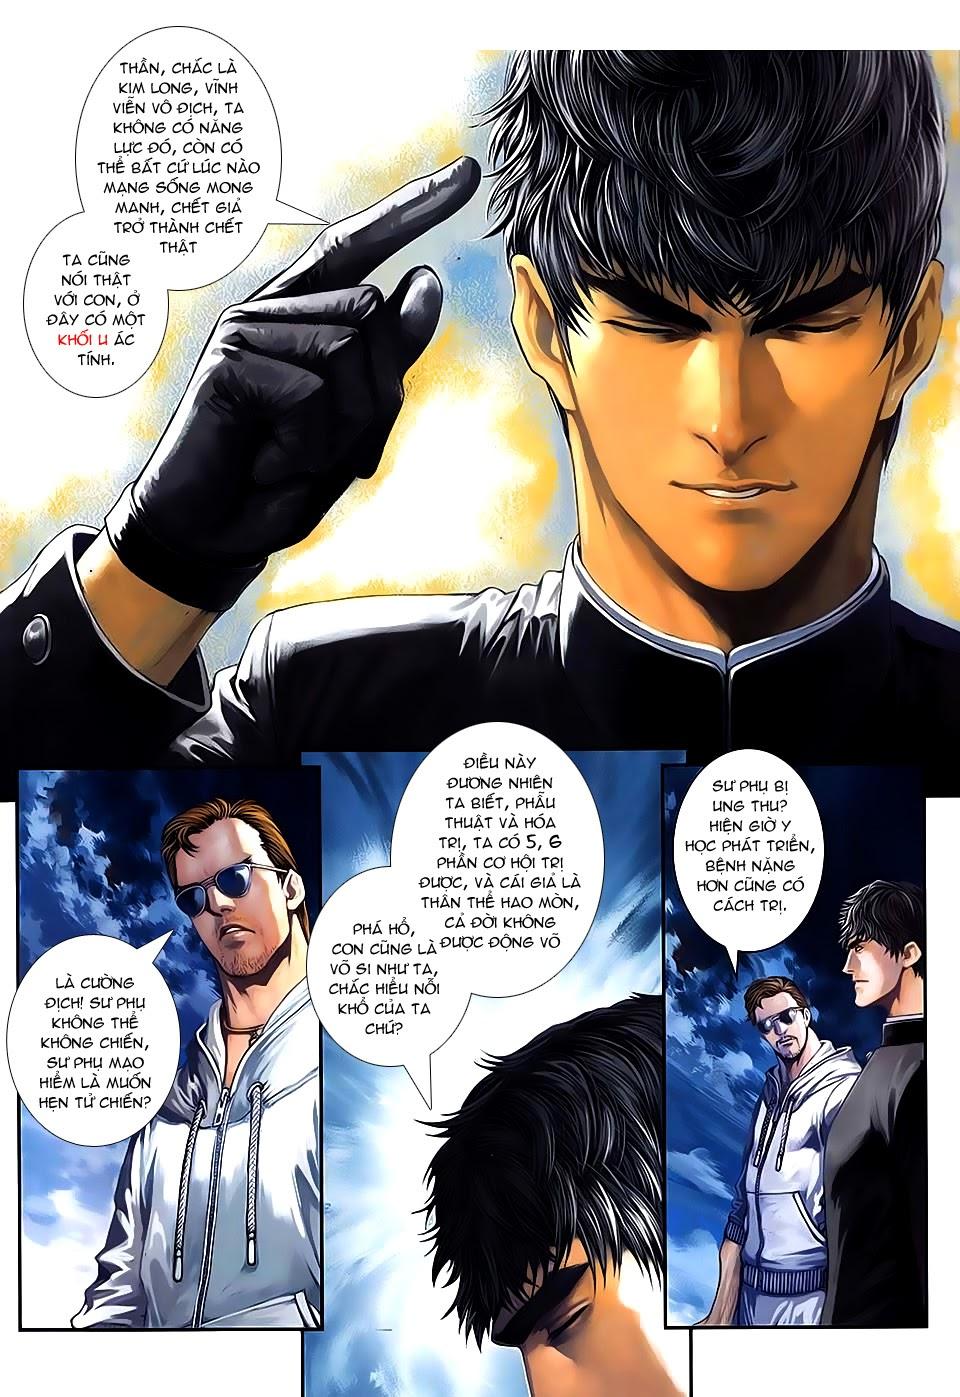 Quyền Đạo chapter 9 trang 4